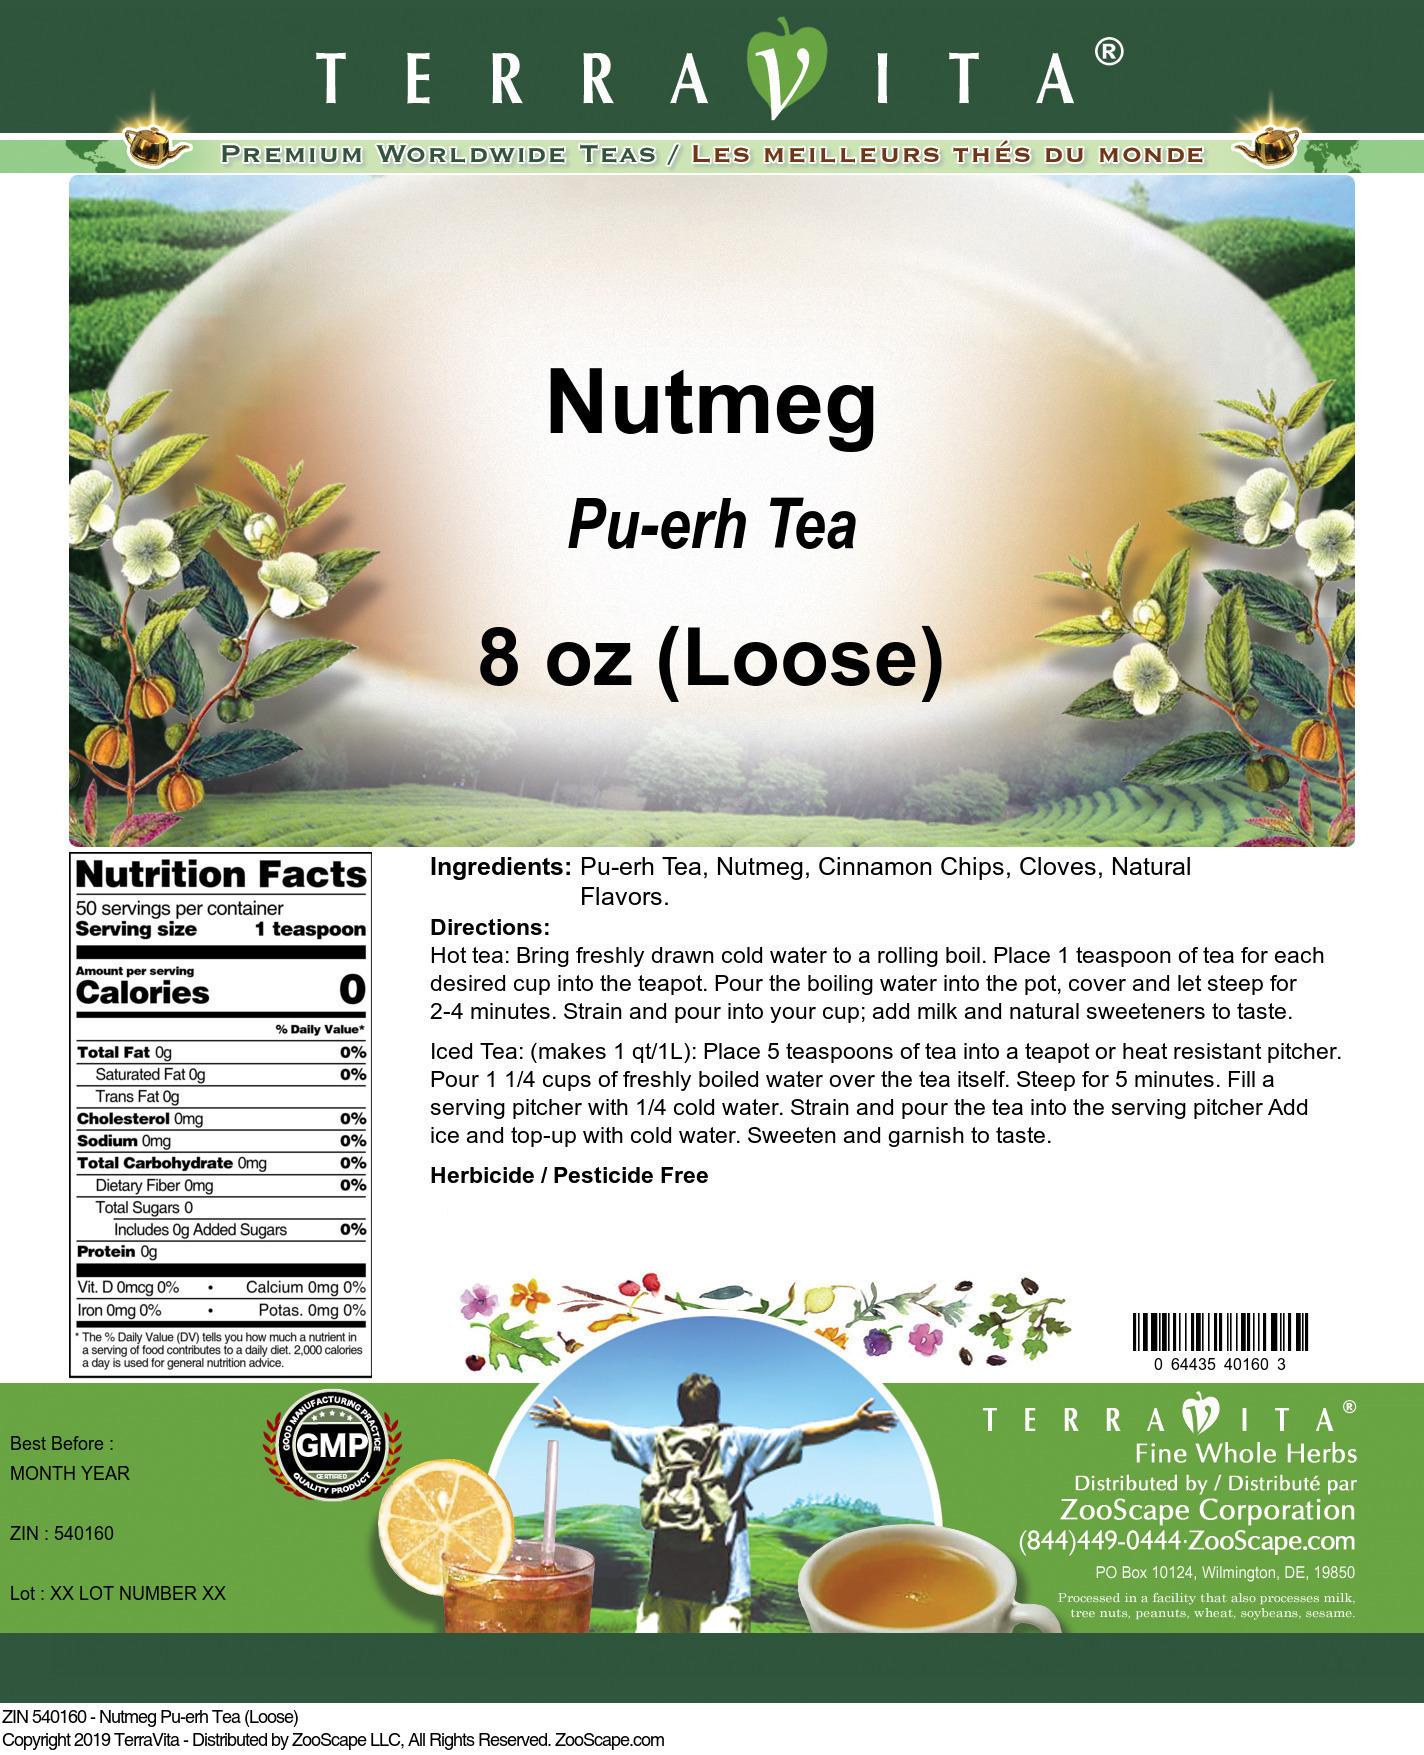 Nutmeg Pu-erh Tea (Loose)